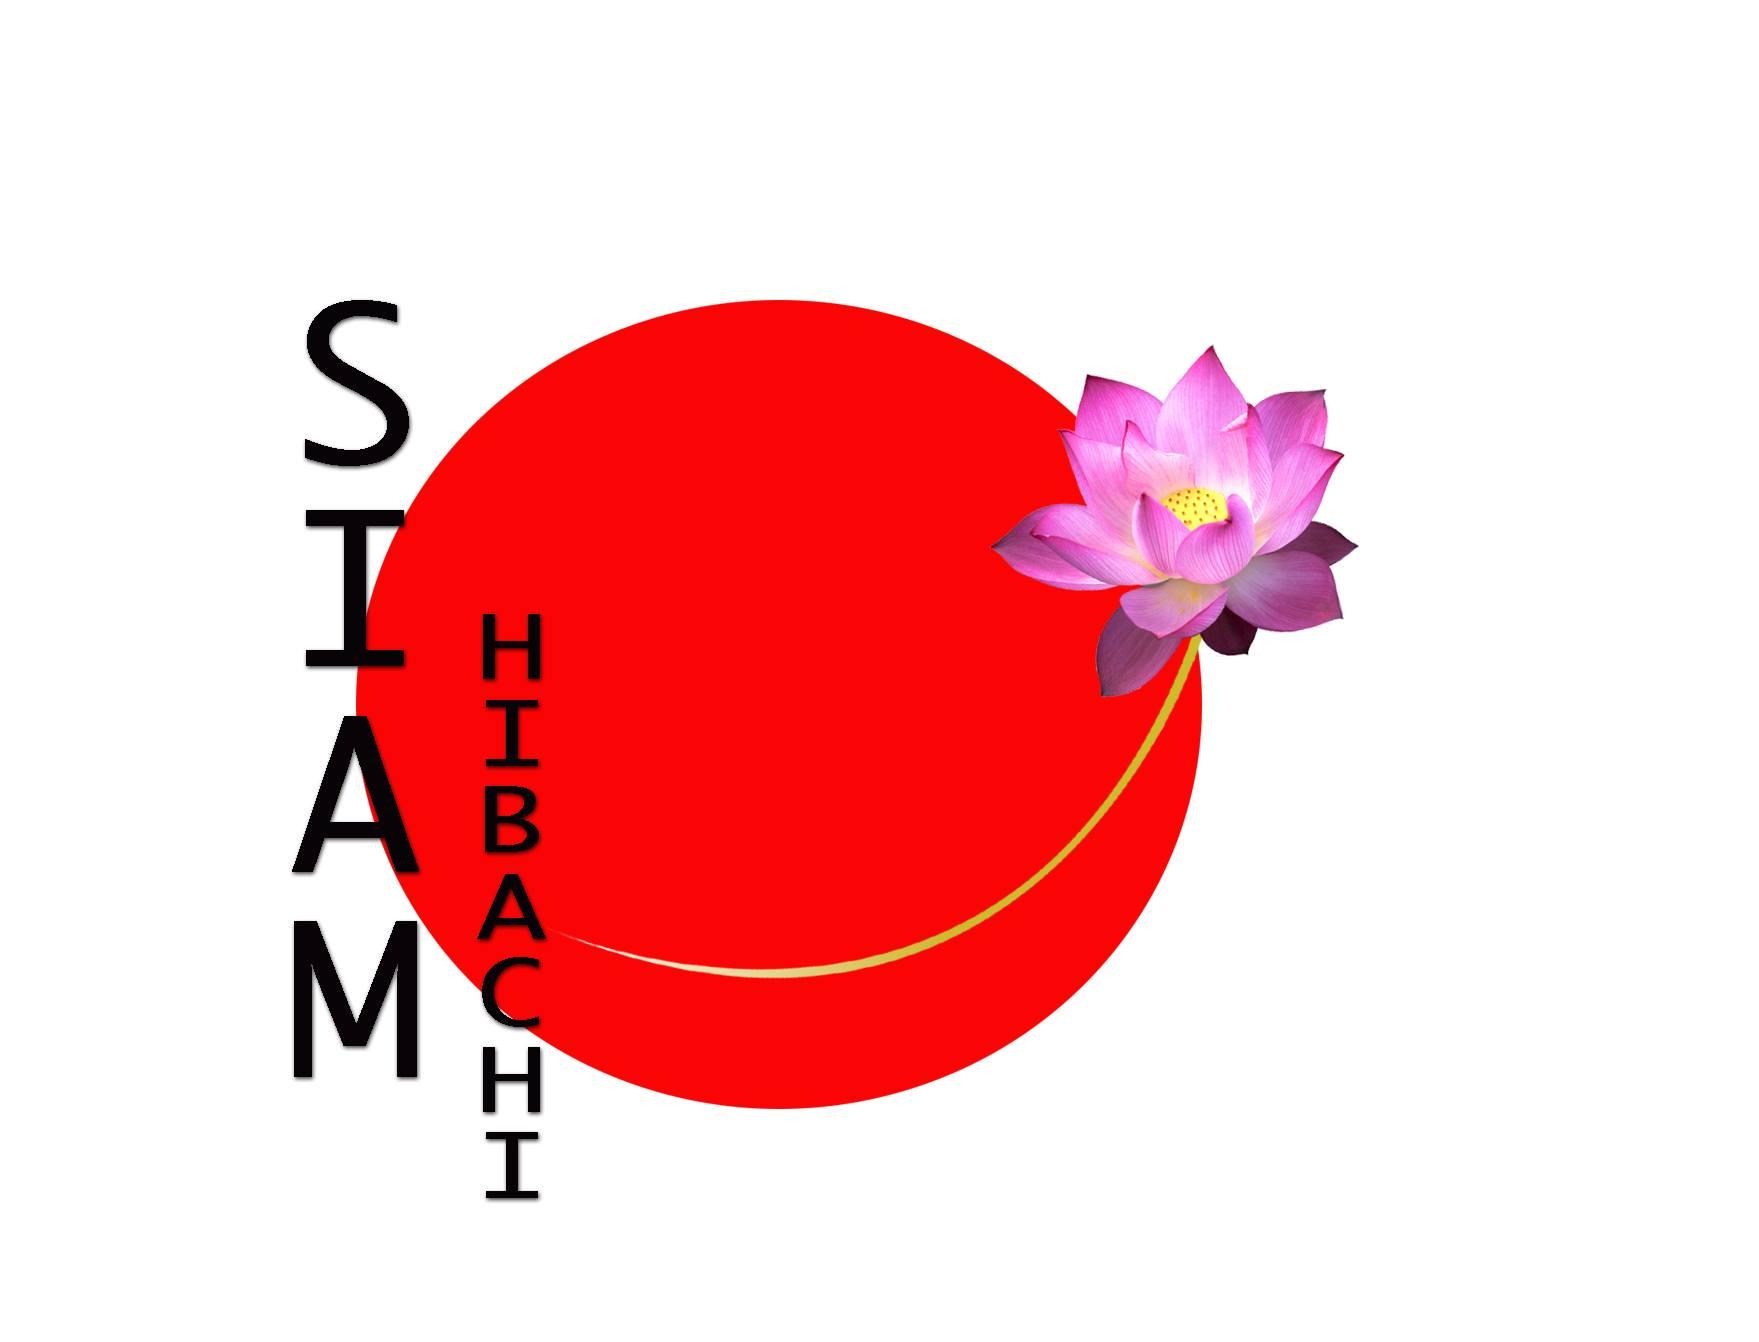 siam_hibachi